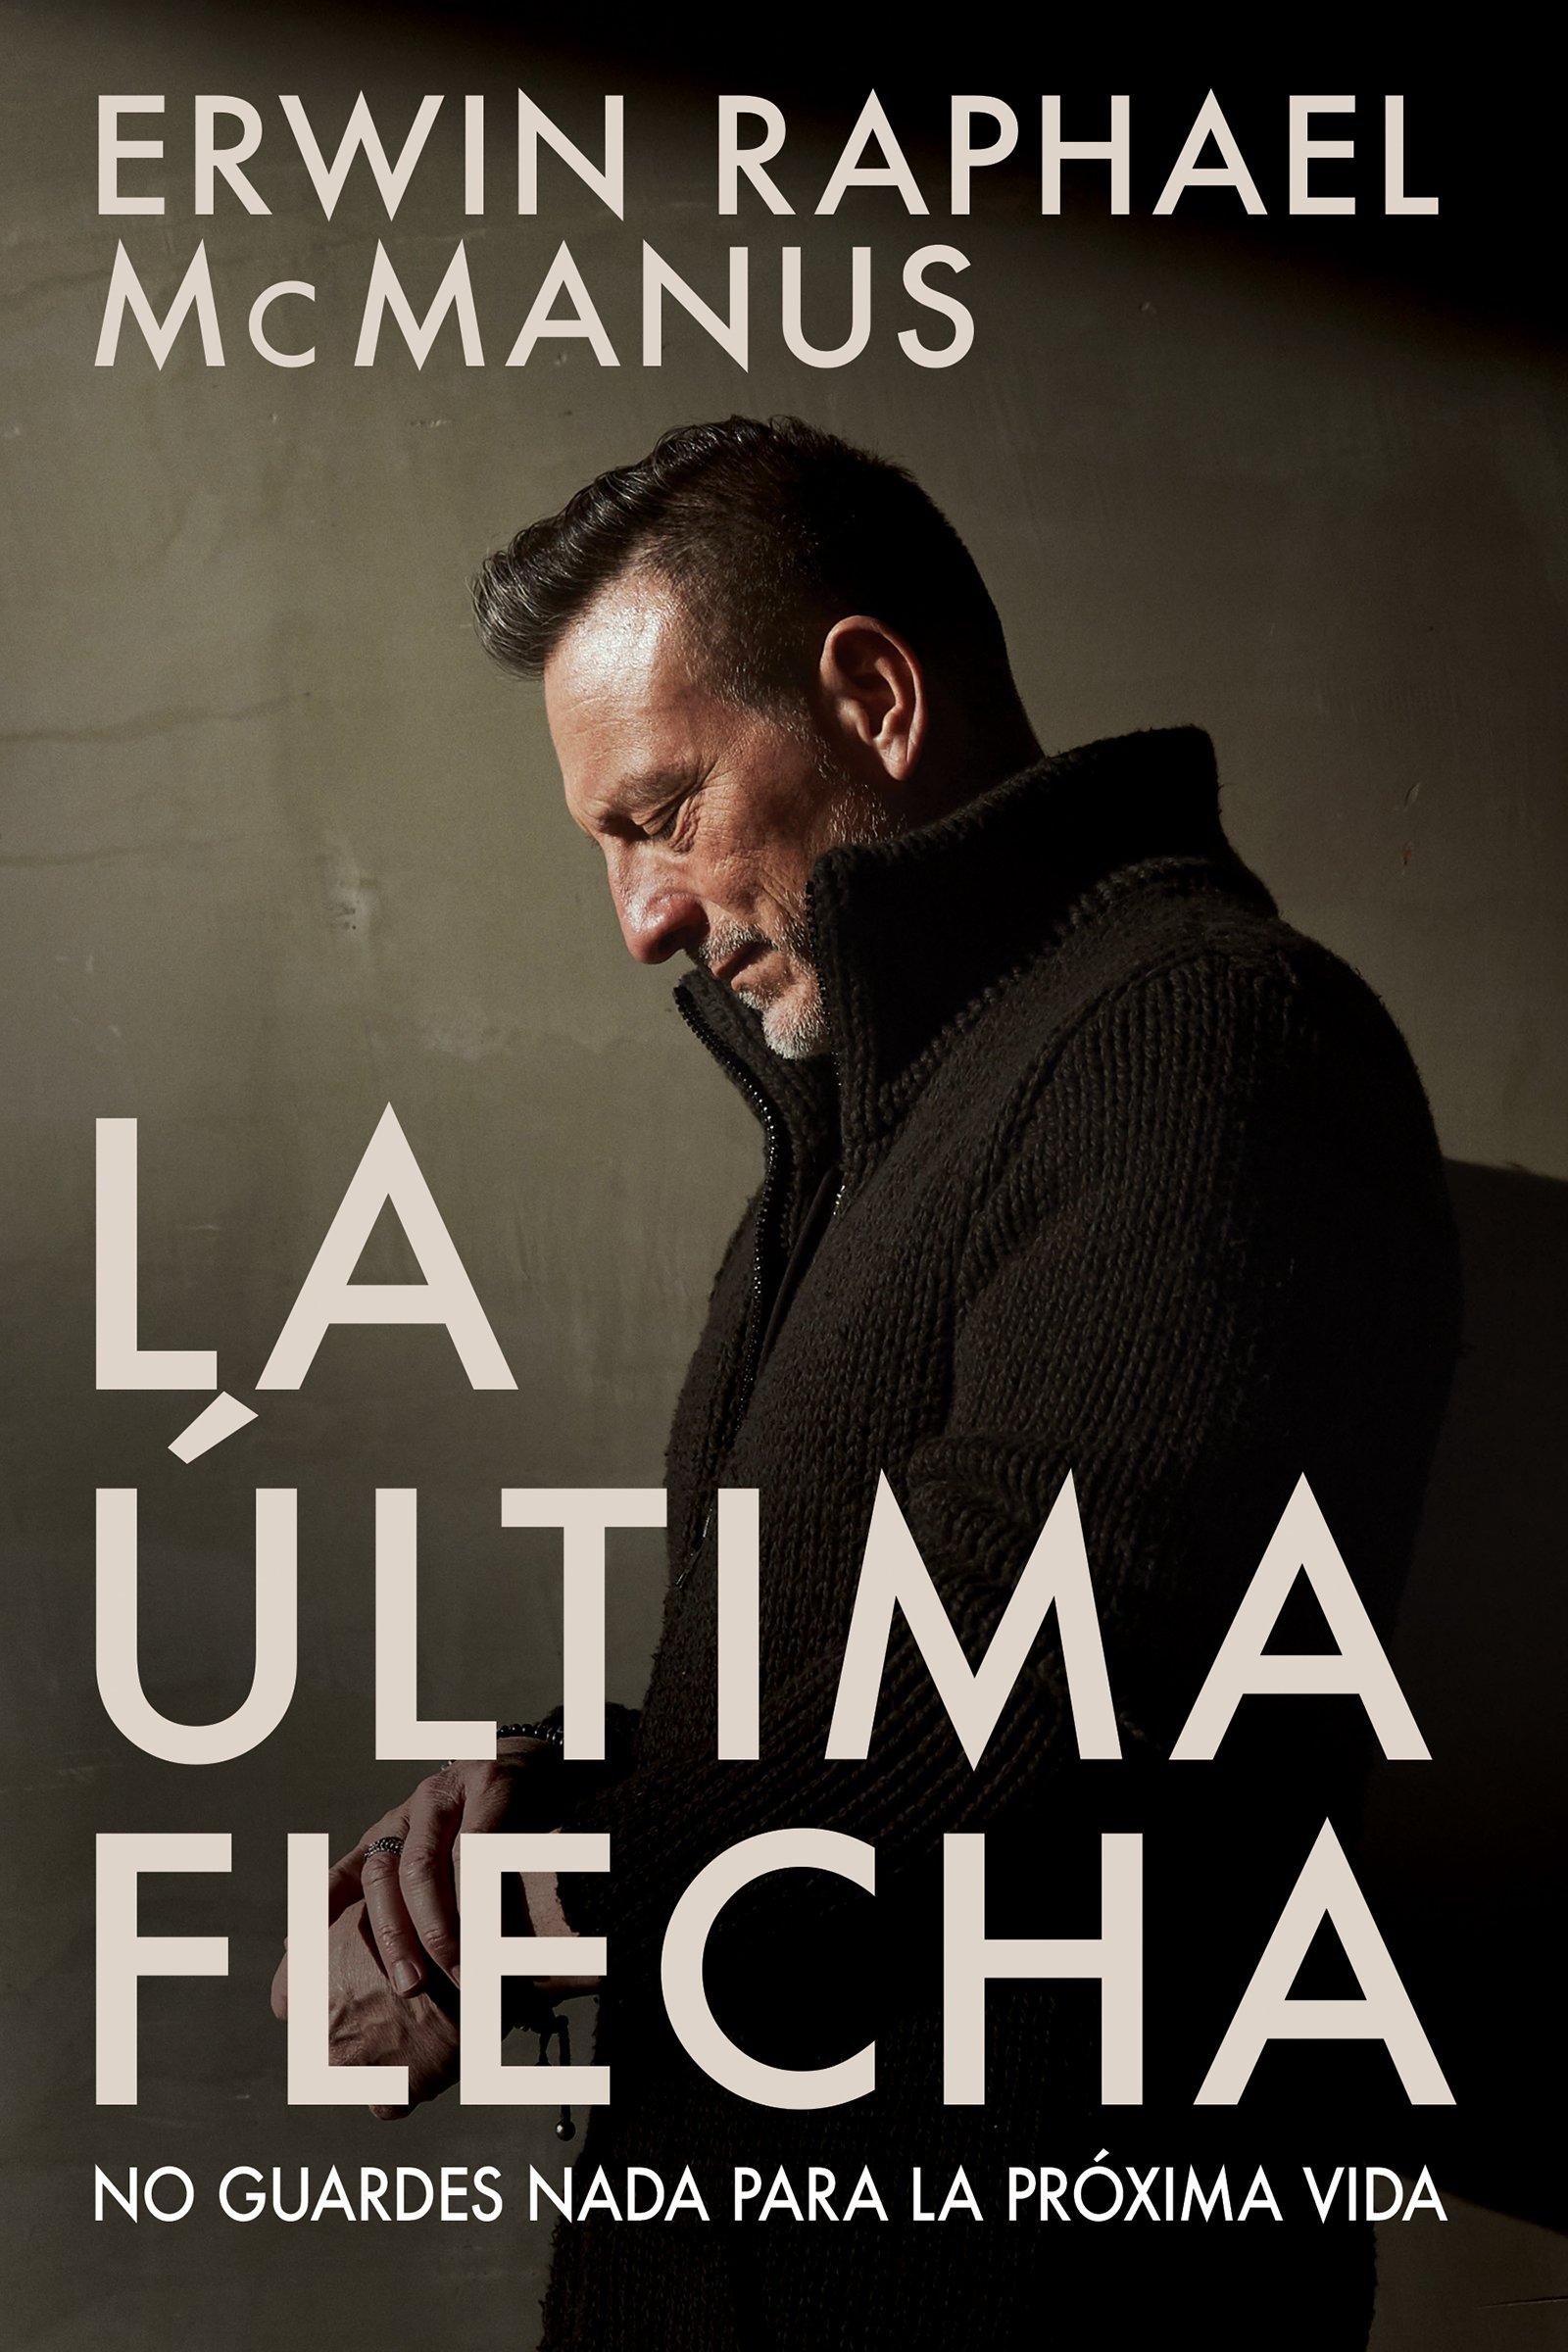 La Última Flecha: No guardes nada para la próxima vida (Spanish Edition) ebook